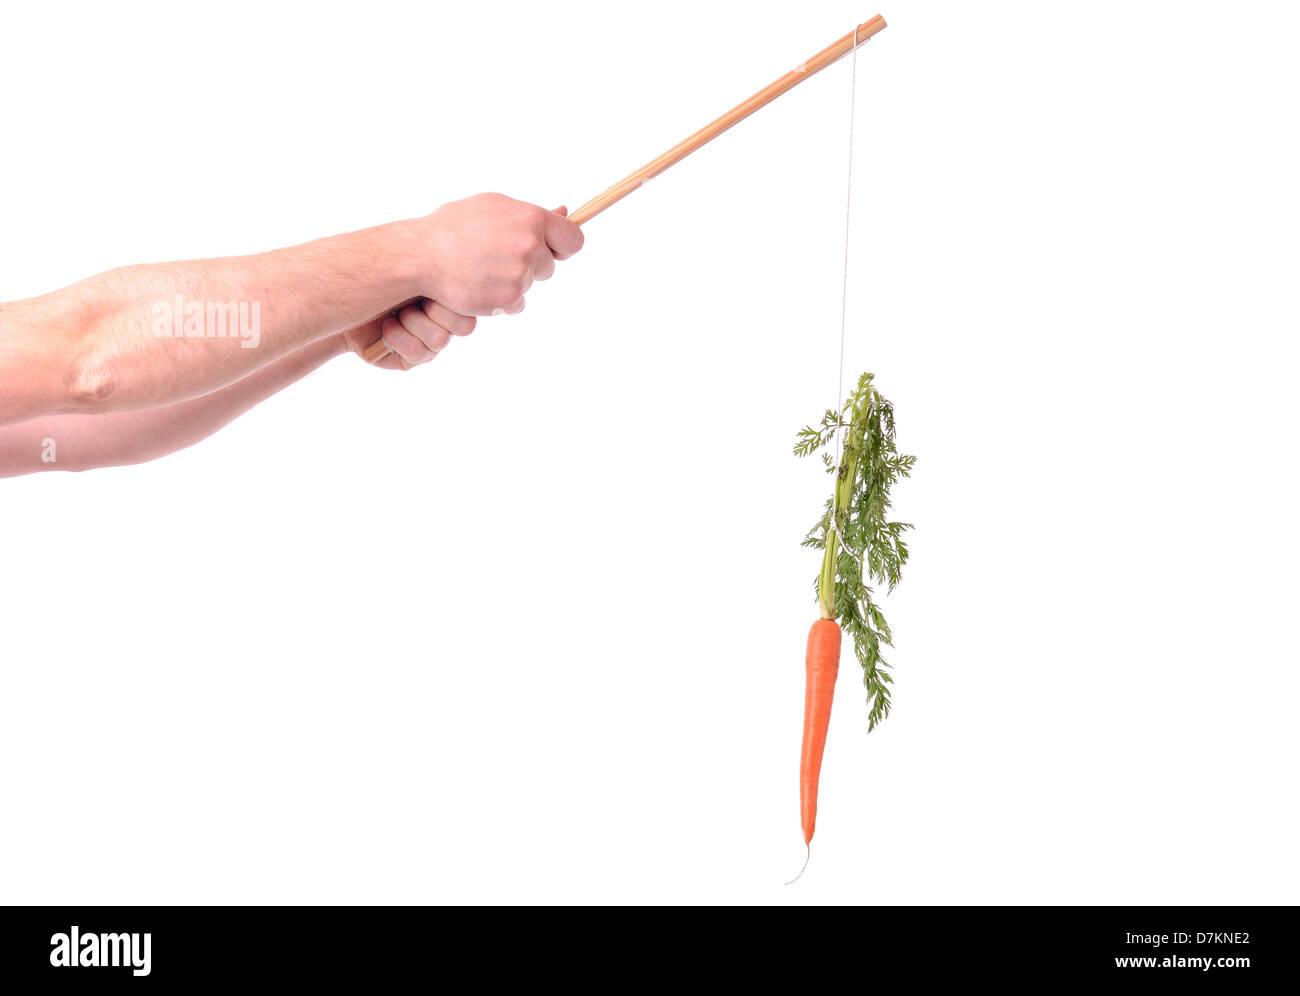 La motivazione di pendeva una carota su un bastone isolato su bianco Immagini Stock